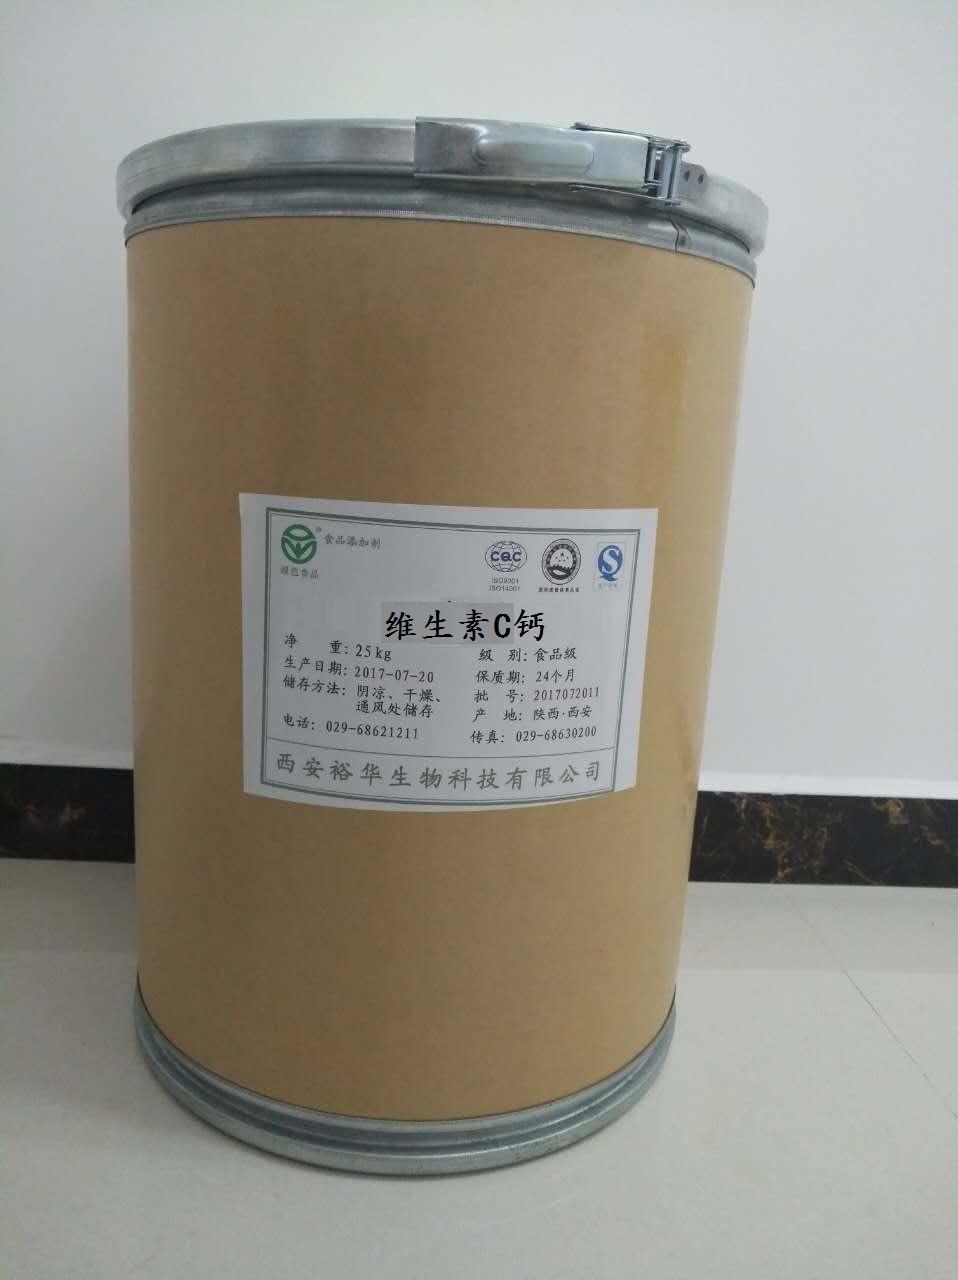 抗坏血酸钙、维生素C钙生产厂家